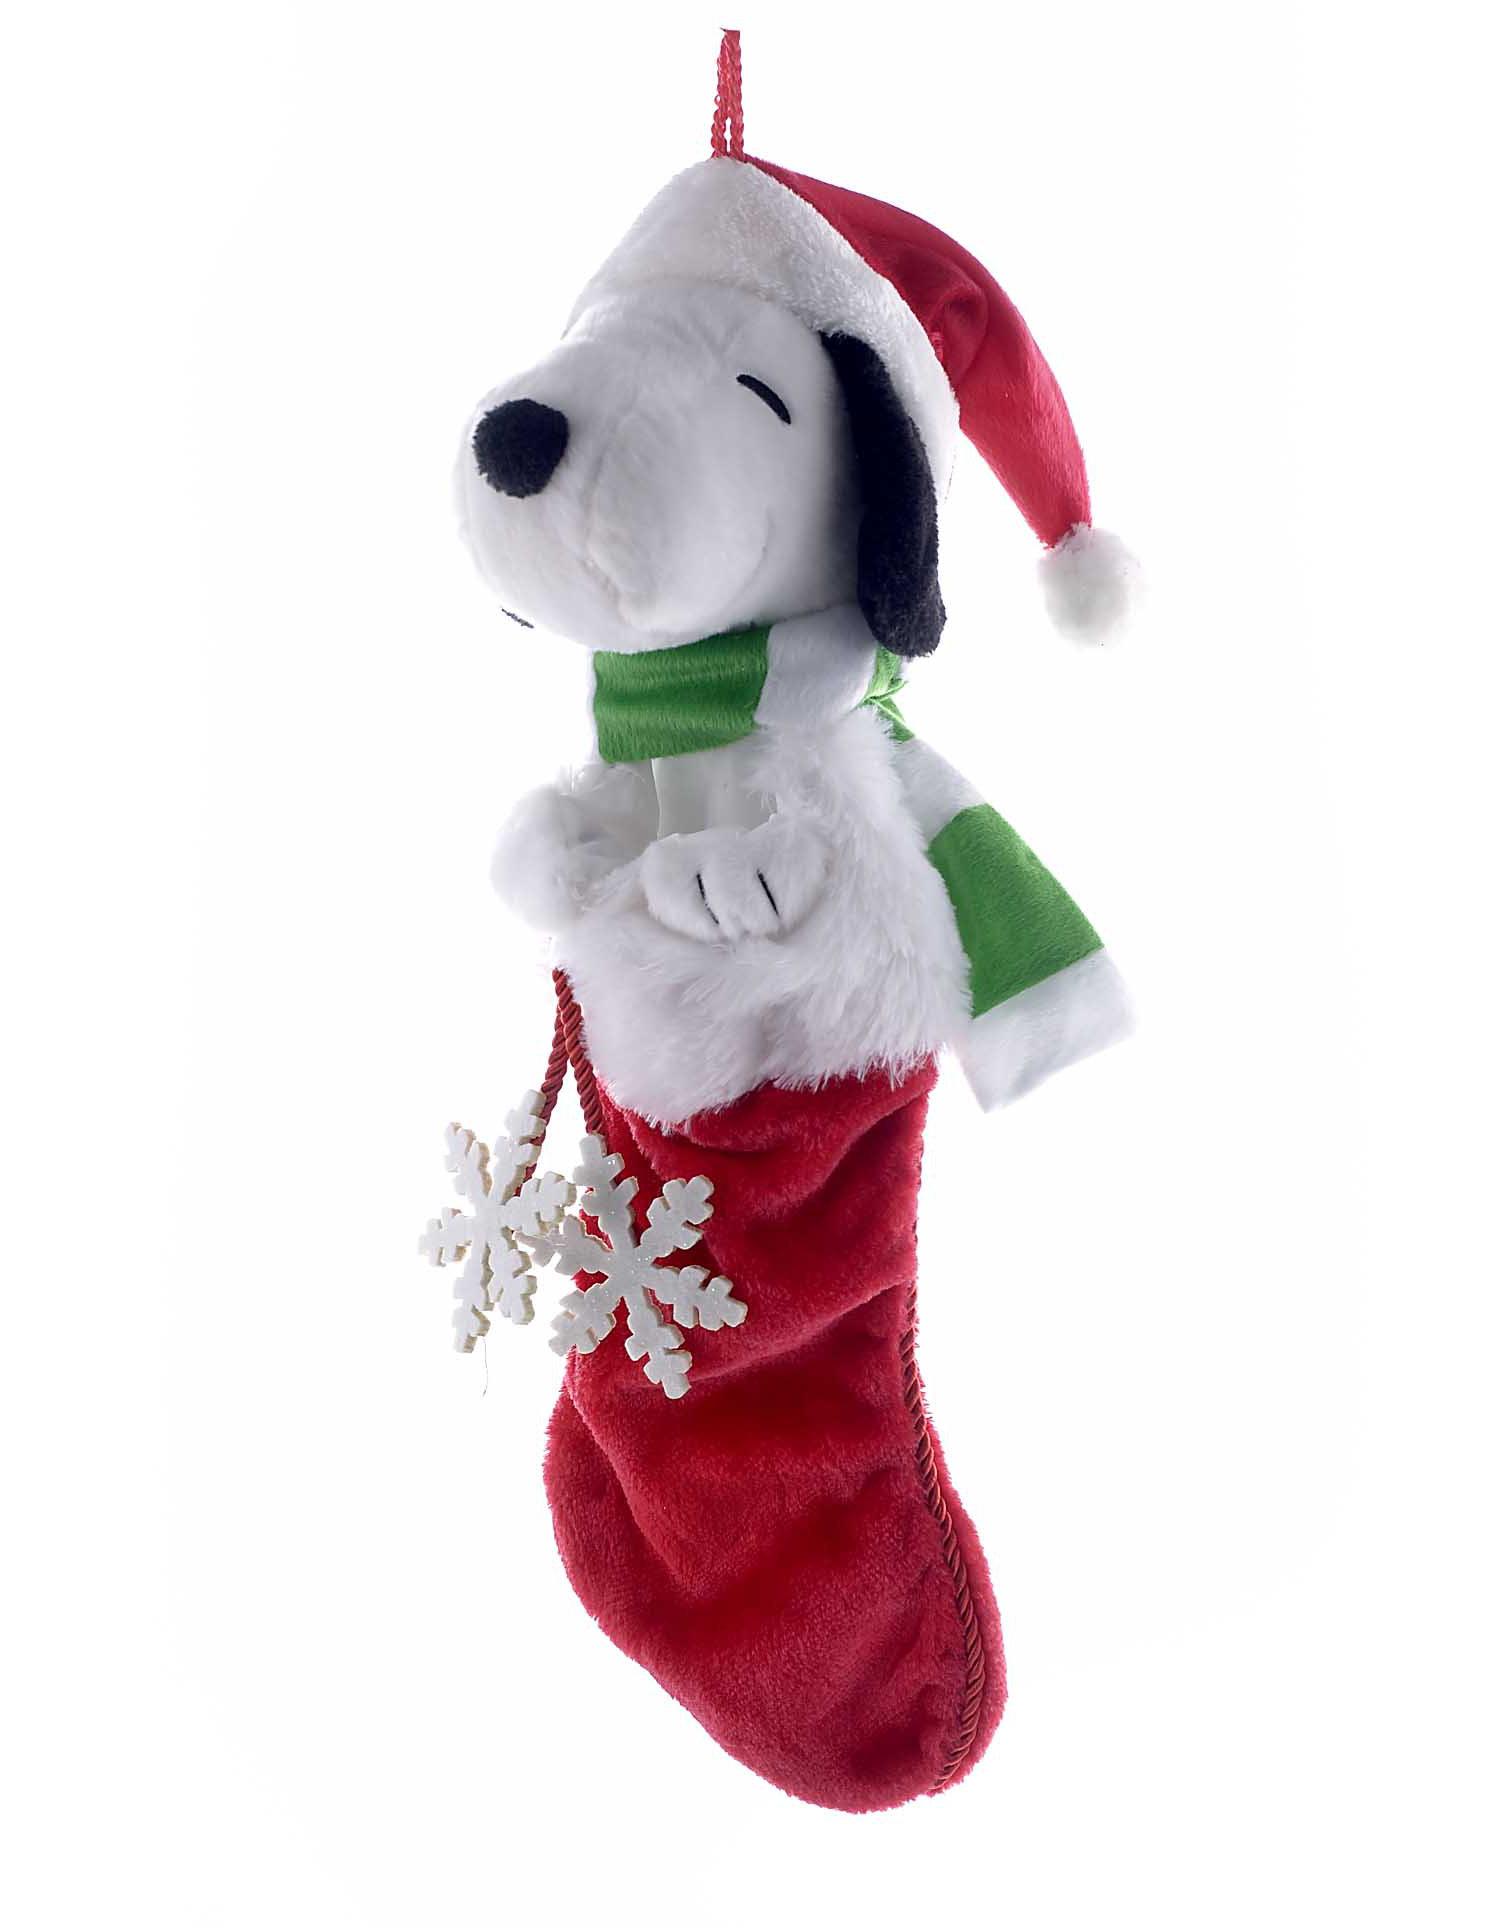 kurt adler snoopy plush head stocking wayfair - Snoopy Christmas Stocking